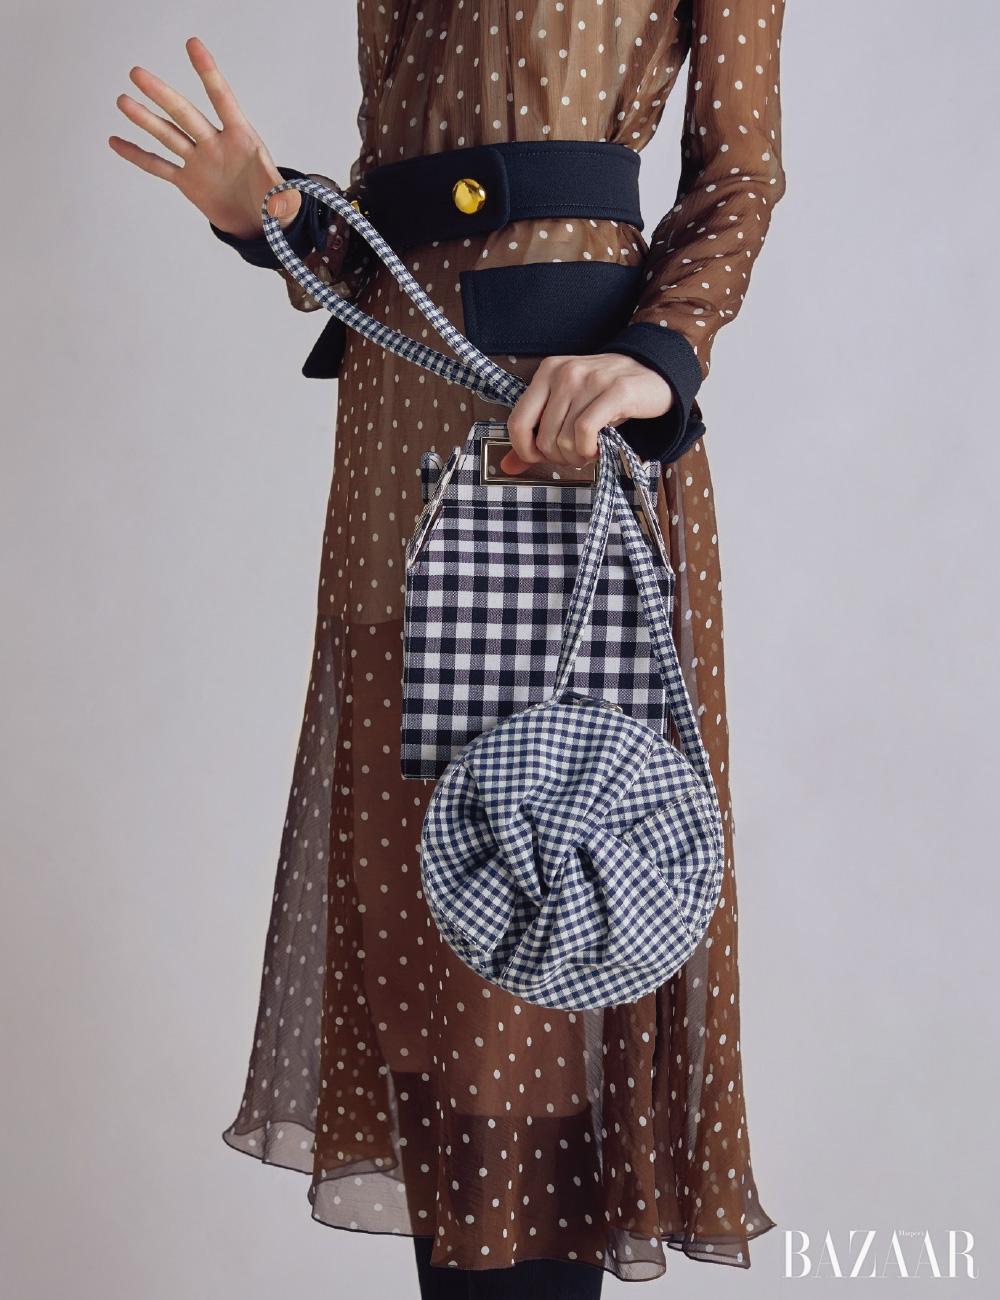 시스루 드레스는 4백76만원 Prada, 양말은 Miu Miu, 깅엄체크 숄더백은 36만원대 Pop & Suki by Net-A-Porter, 원형 백은 Claudie Pierlot.